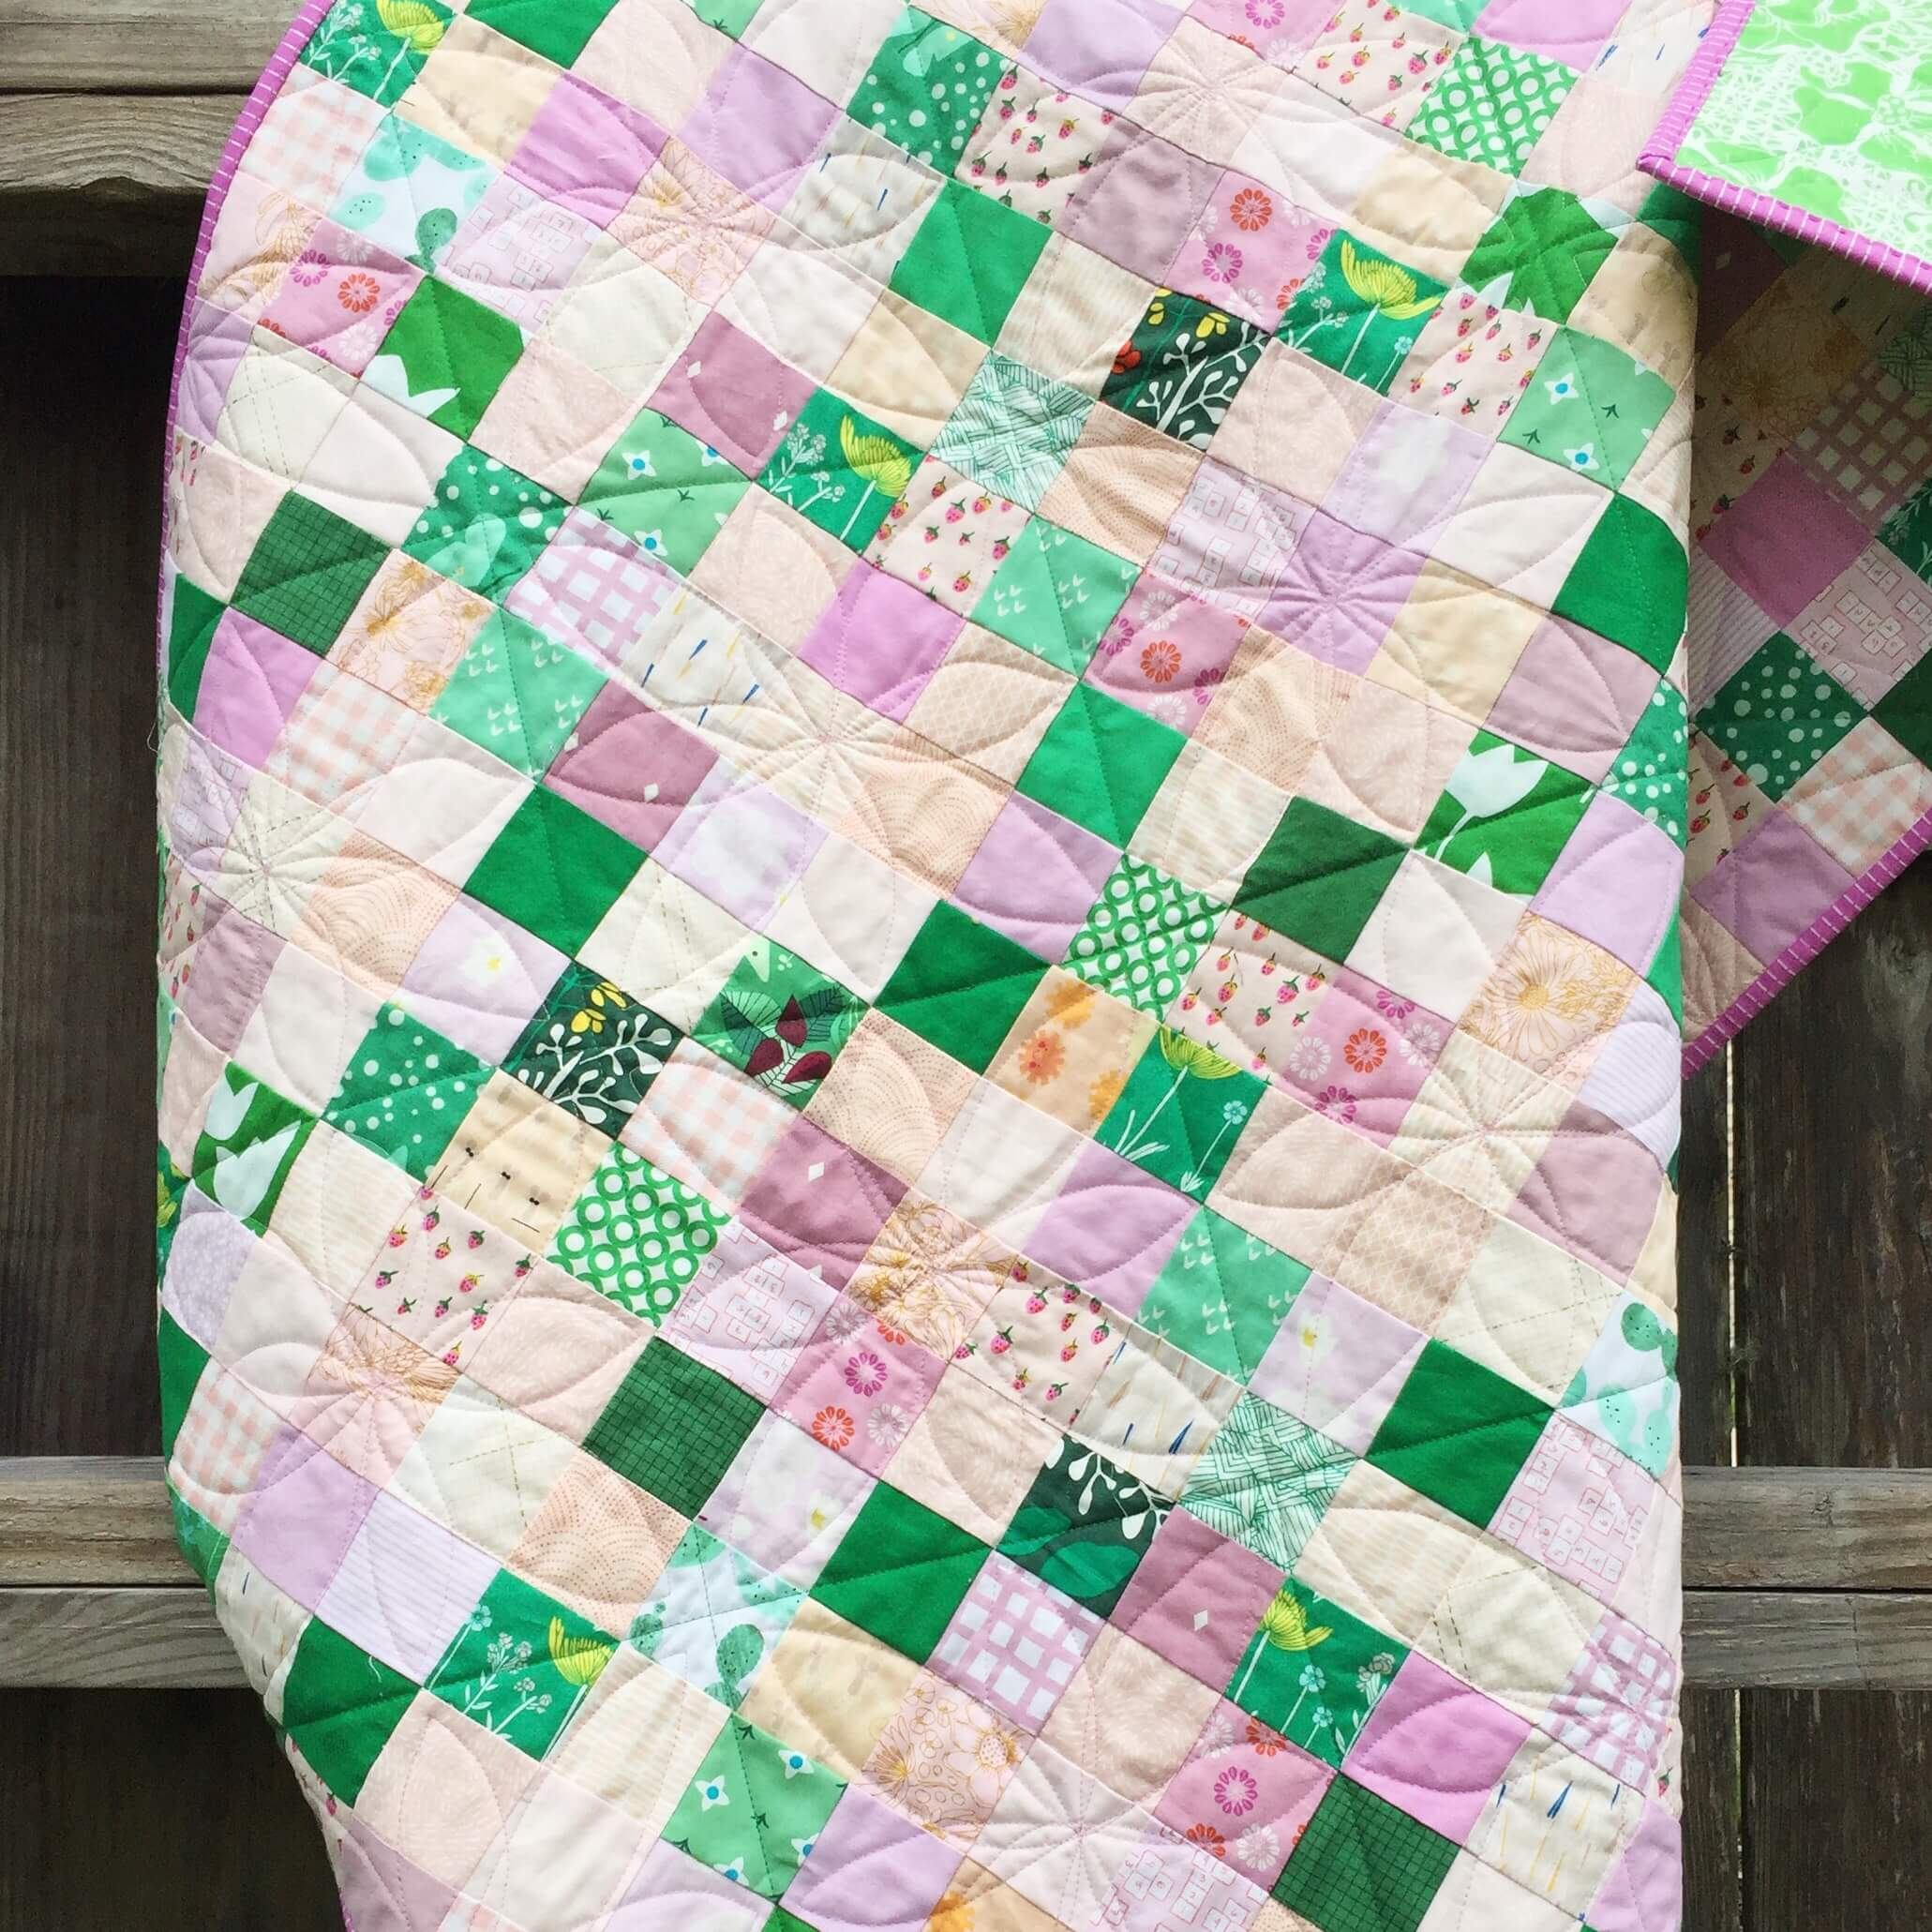 drape irish chain2 tiny.jpg